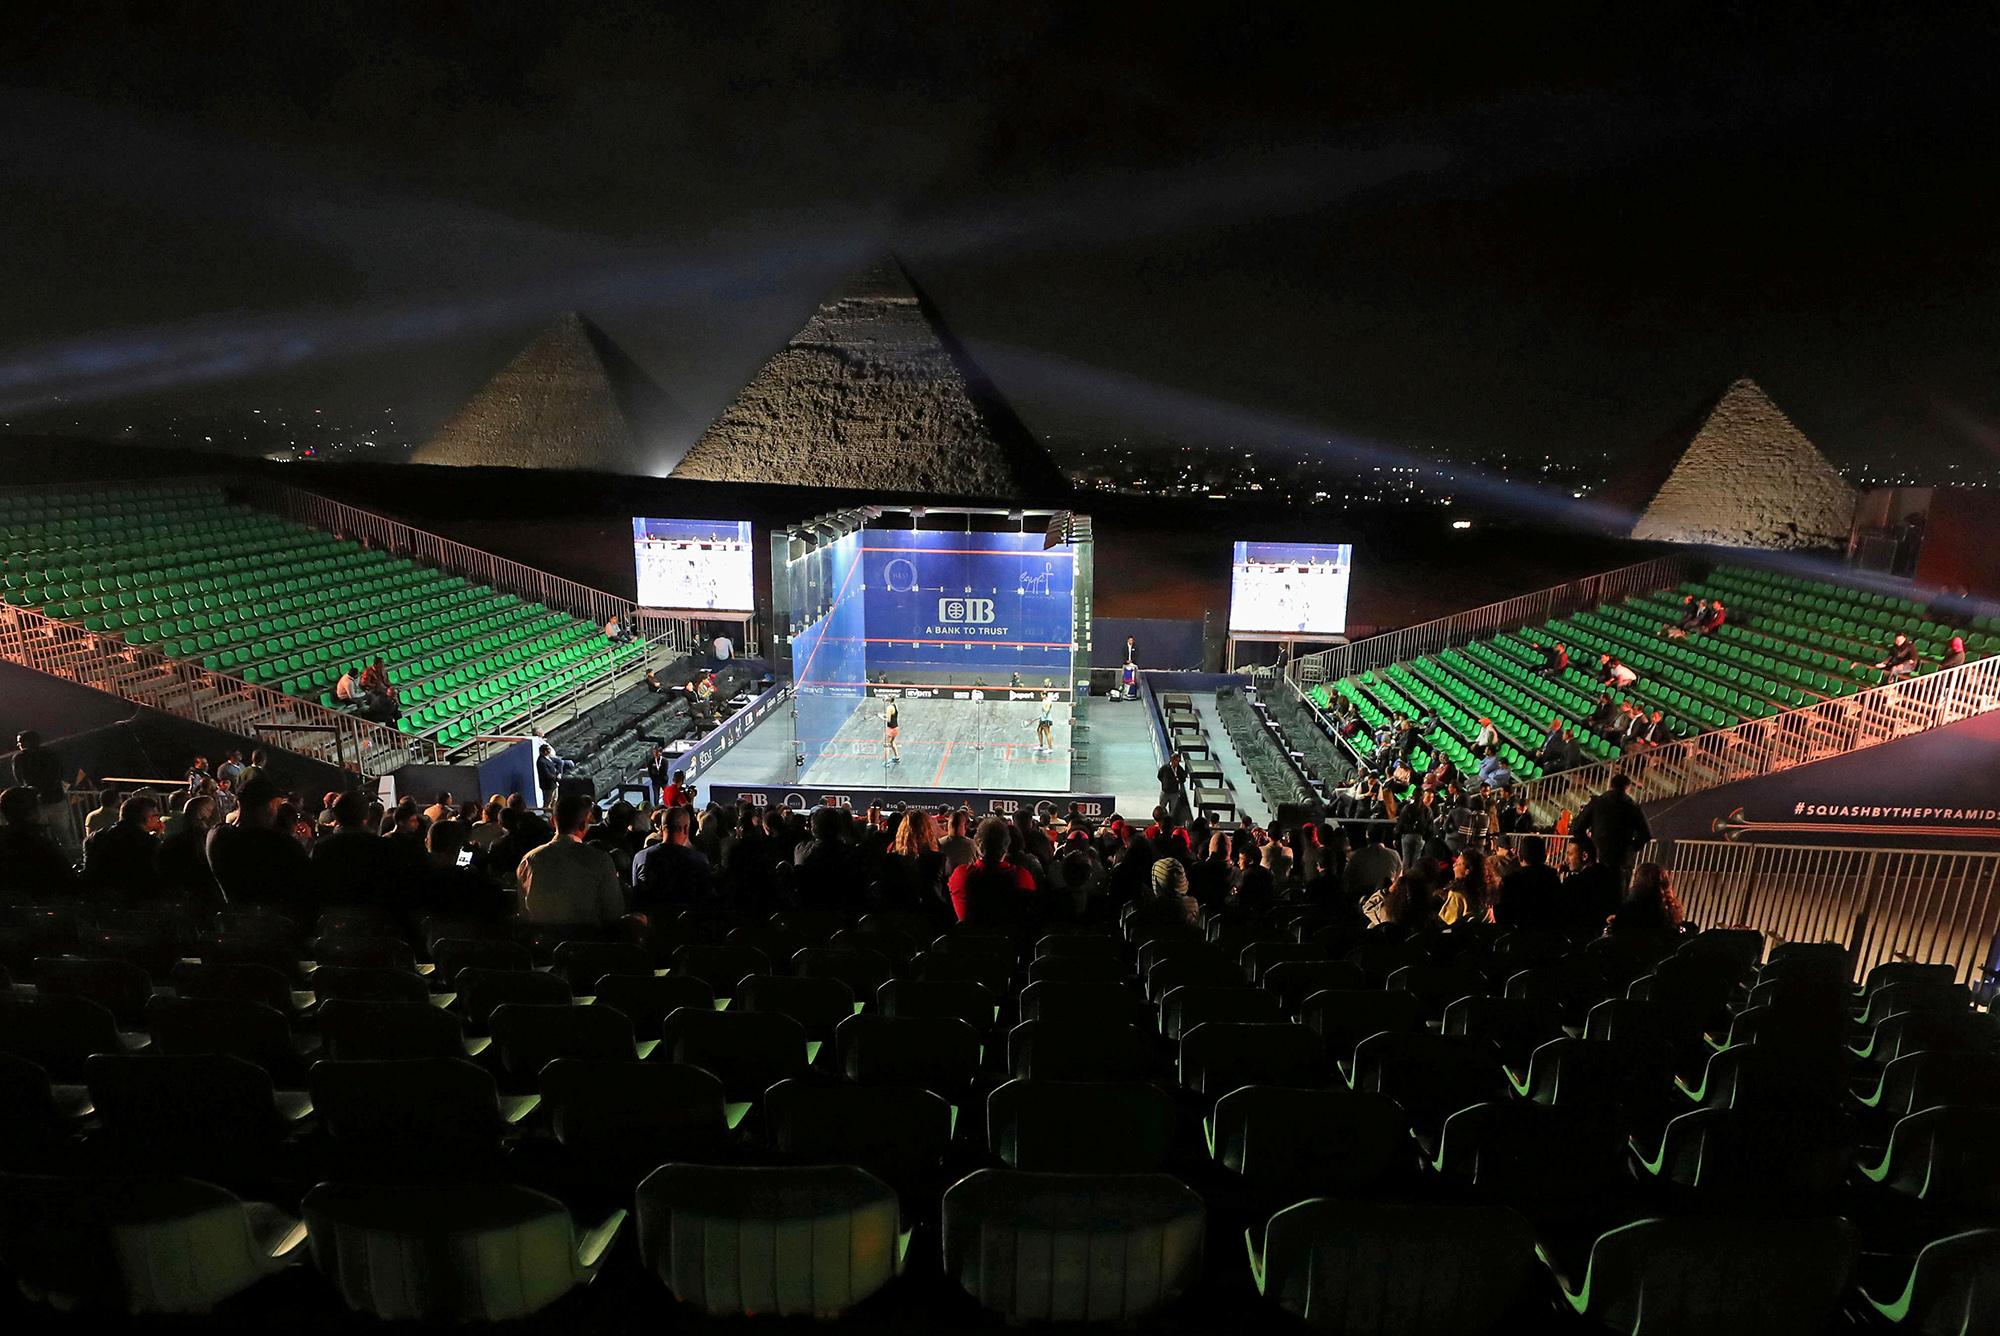 Люди смотрят матч посквошу передна фоне пирамид вГизе. Матч проходил врамках Чемпионата мира пофутболу среди женщин. 26 октября 2019